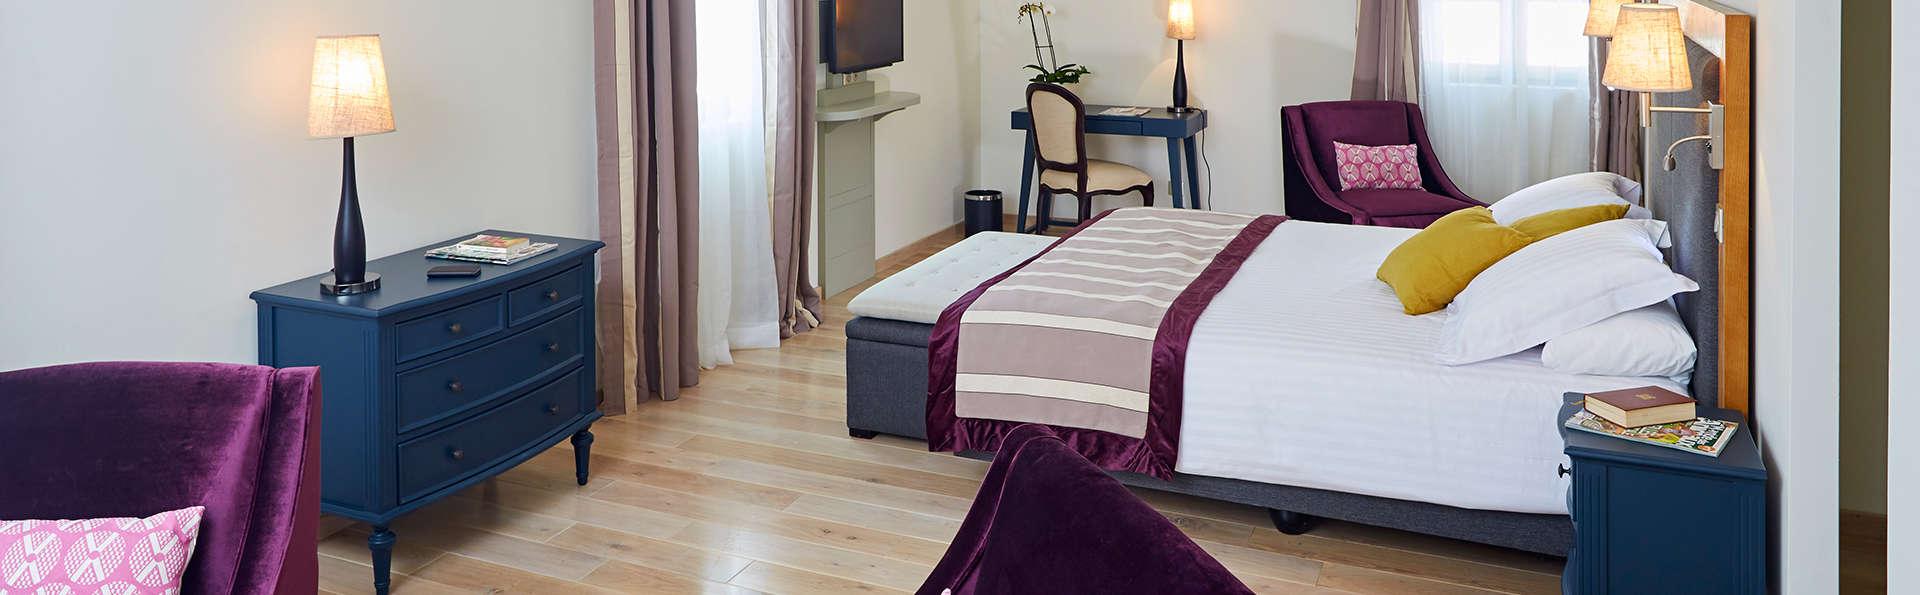 Week-end détente en chambre Deluxe près de Chartres